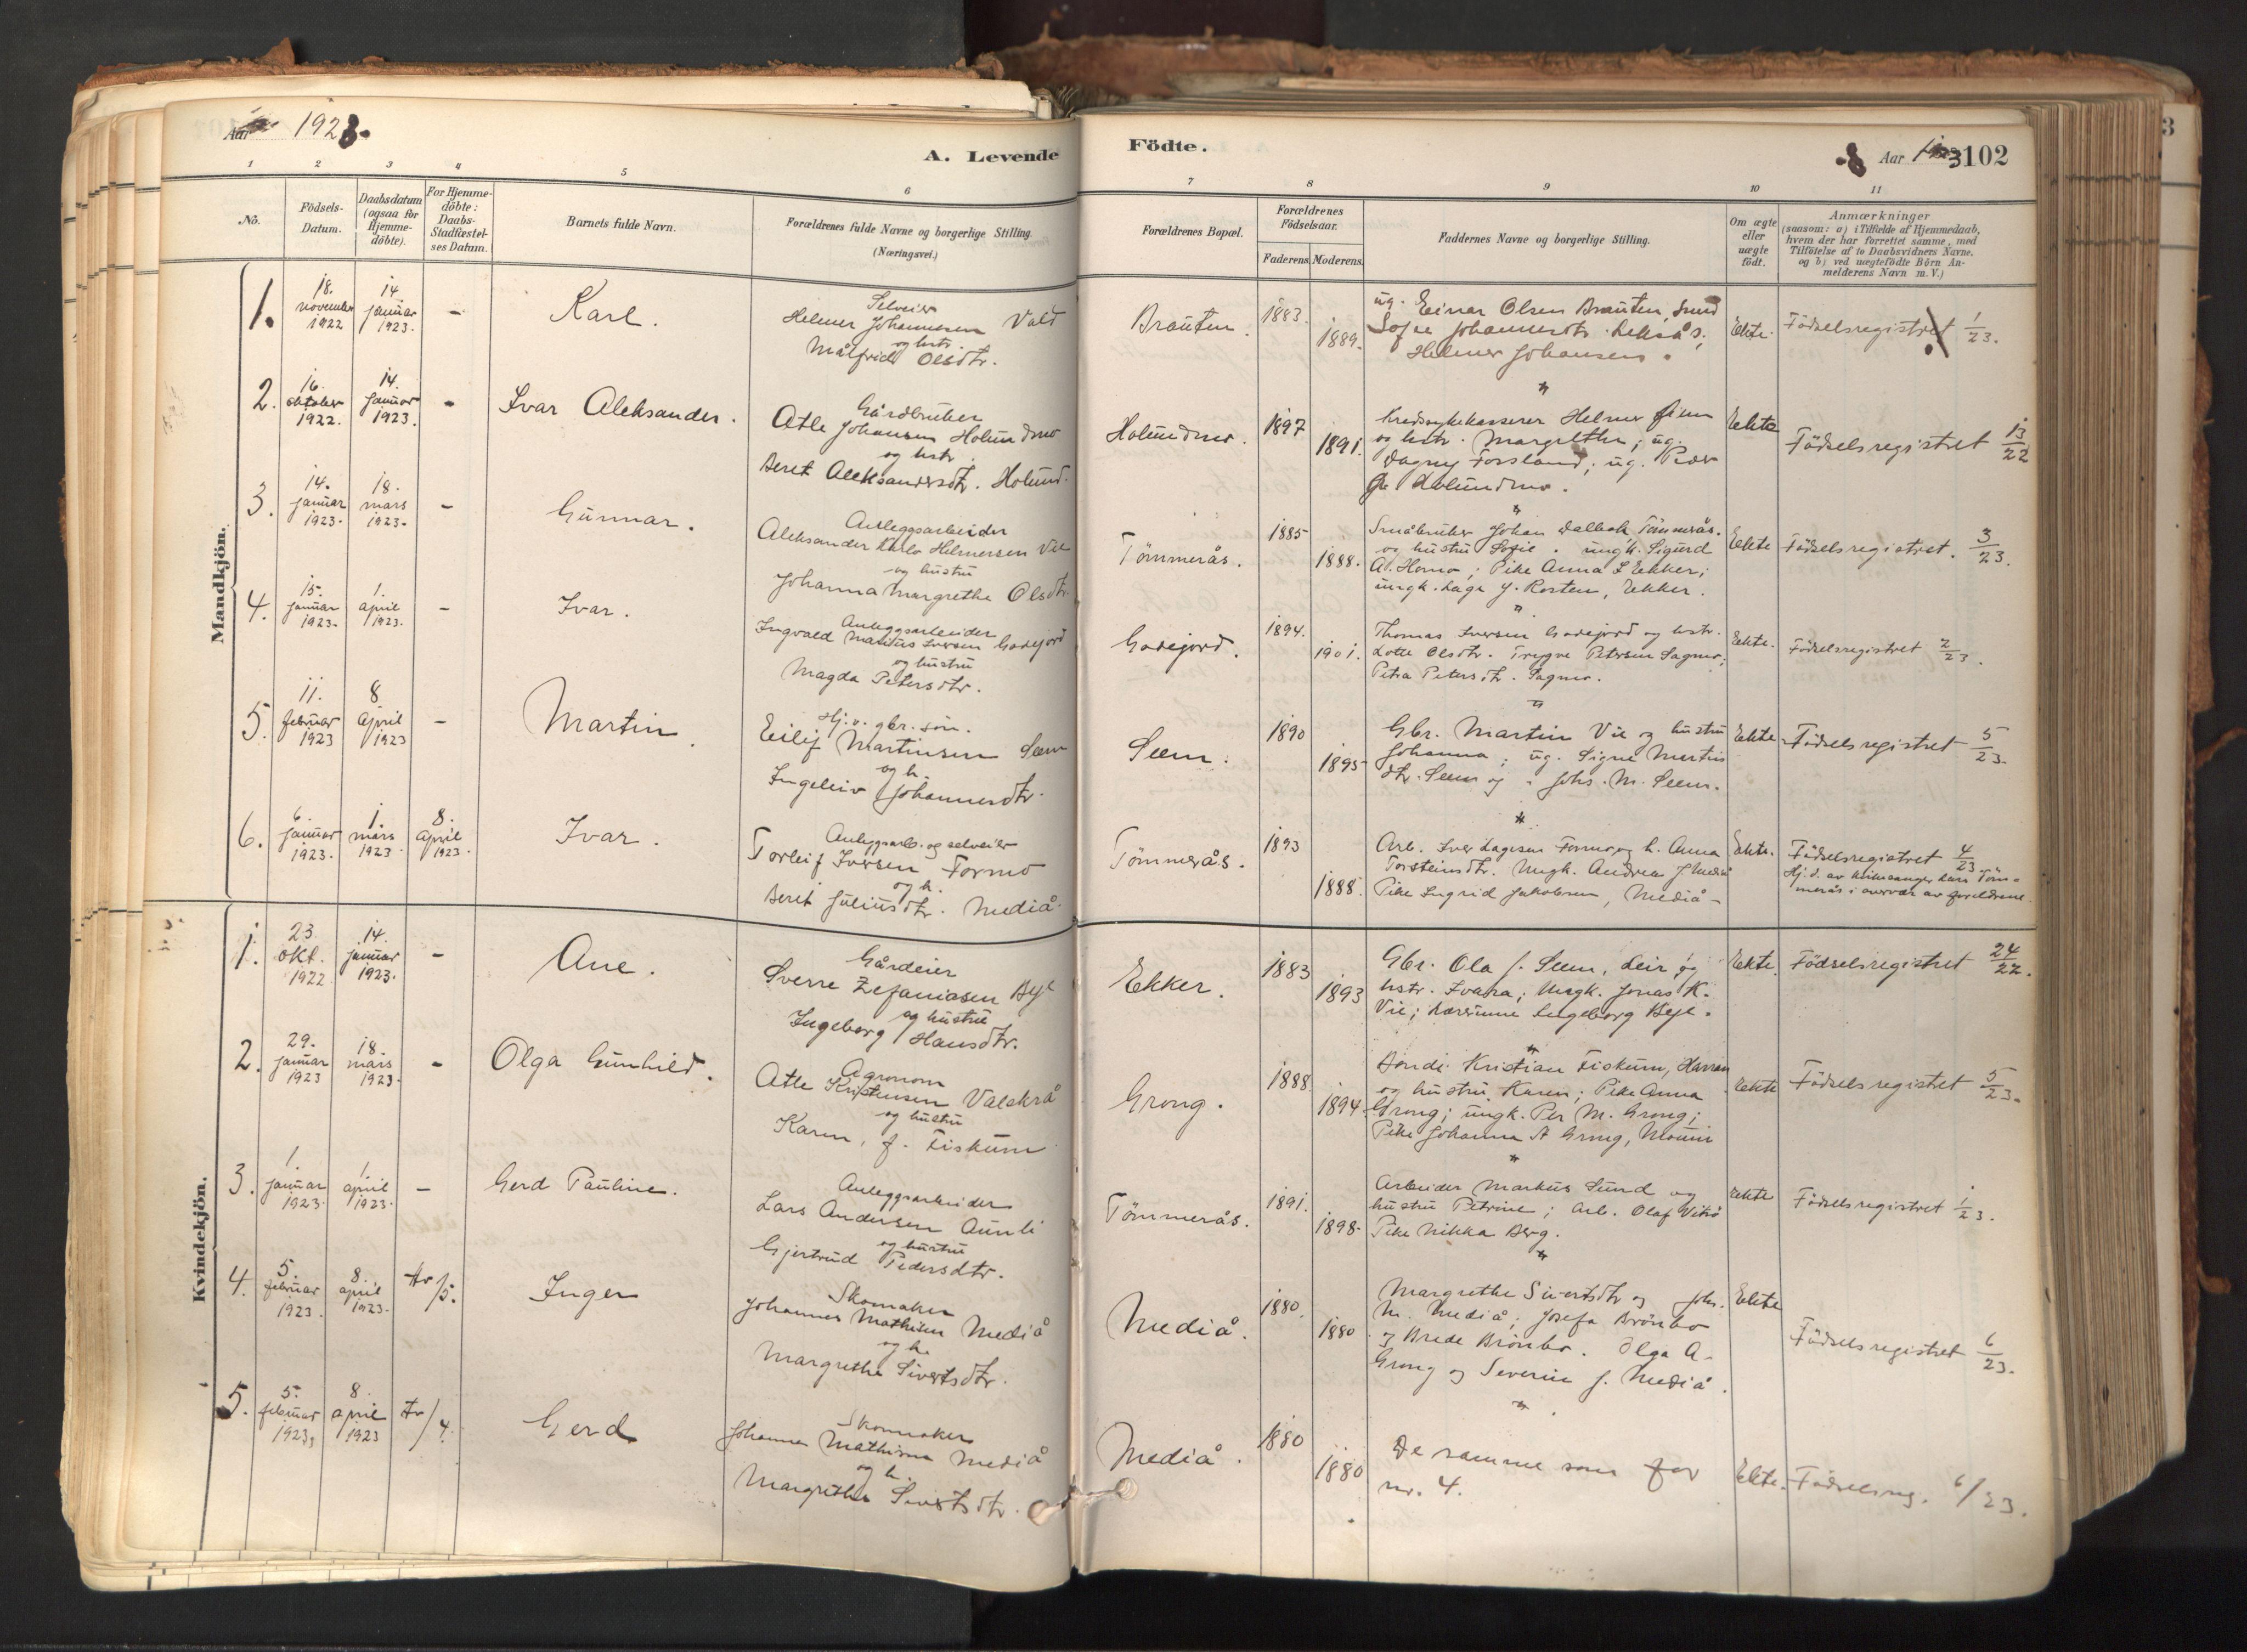 SAT, Ministerialprotokoller, klokkerbøker og fødselsregistre - Nord-Trøndelag, 758/L0519: Ministerialbok nr. 758A04, 1880-1926, s. 102